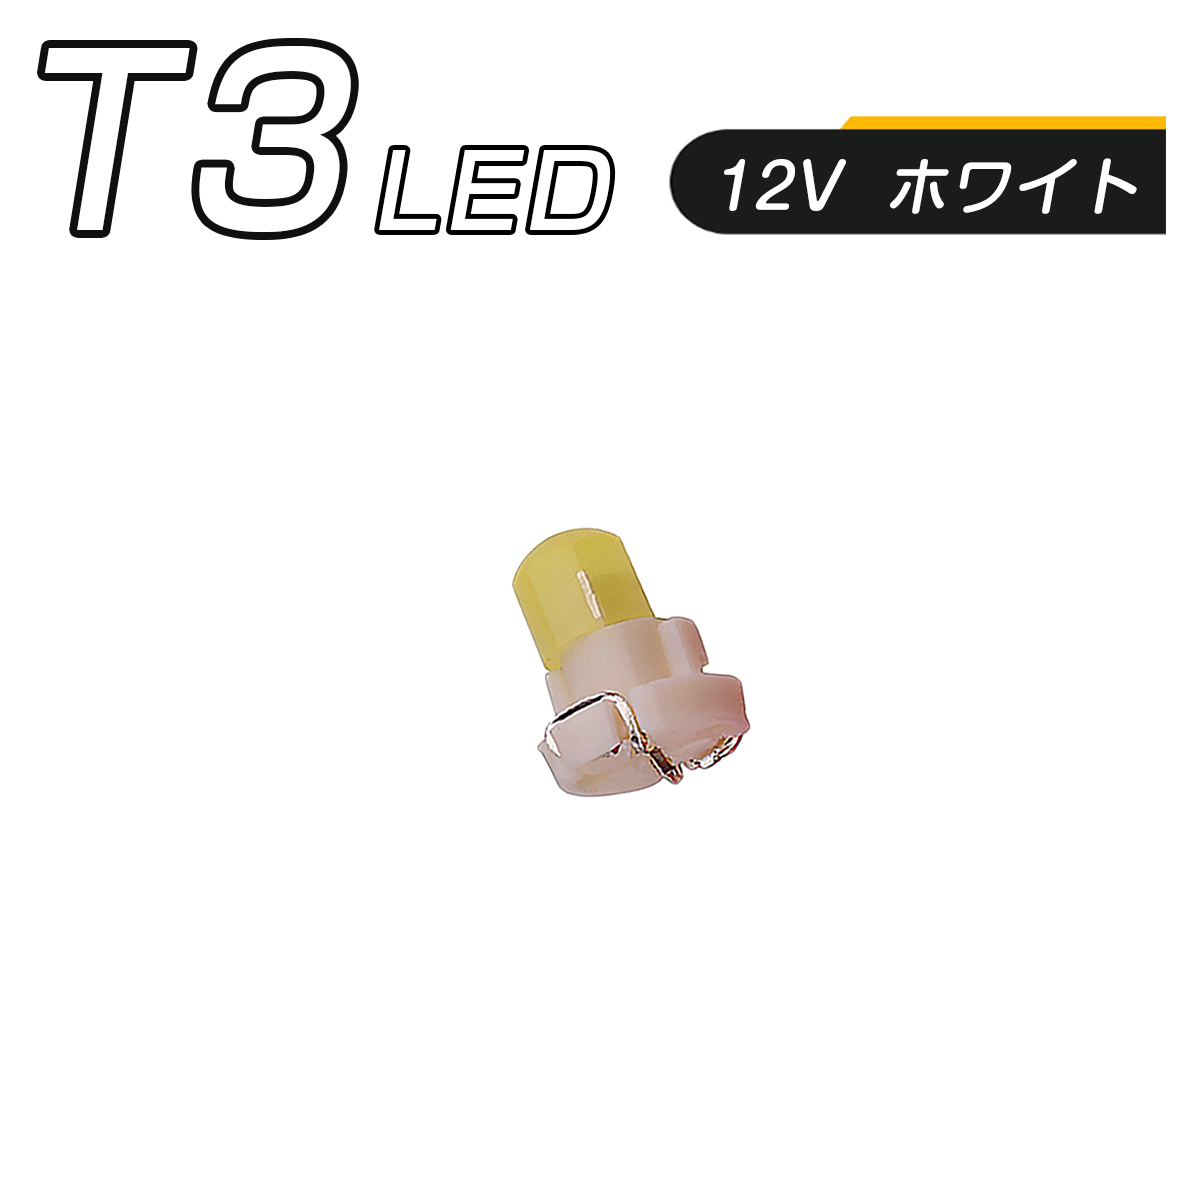 LED T3 SMD 白 メーター球 タコランプ インジケーター エアコンパネル 超拡散 全面発光 2個セット SDM便送料無料 1ヶ月保証